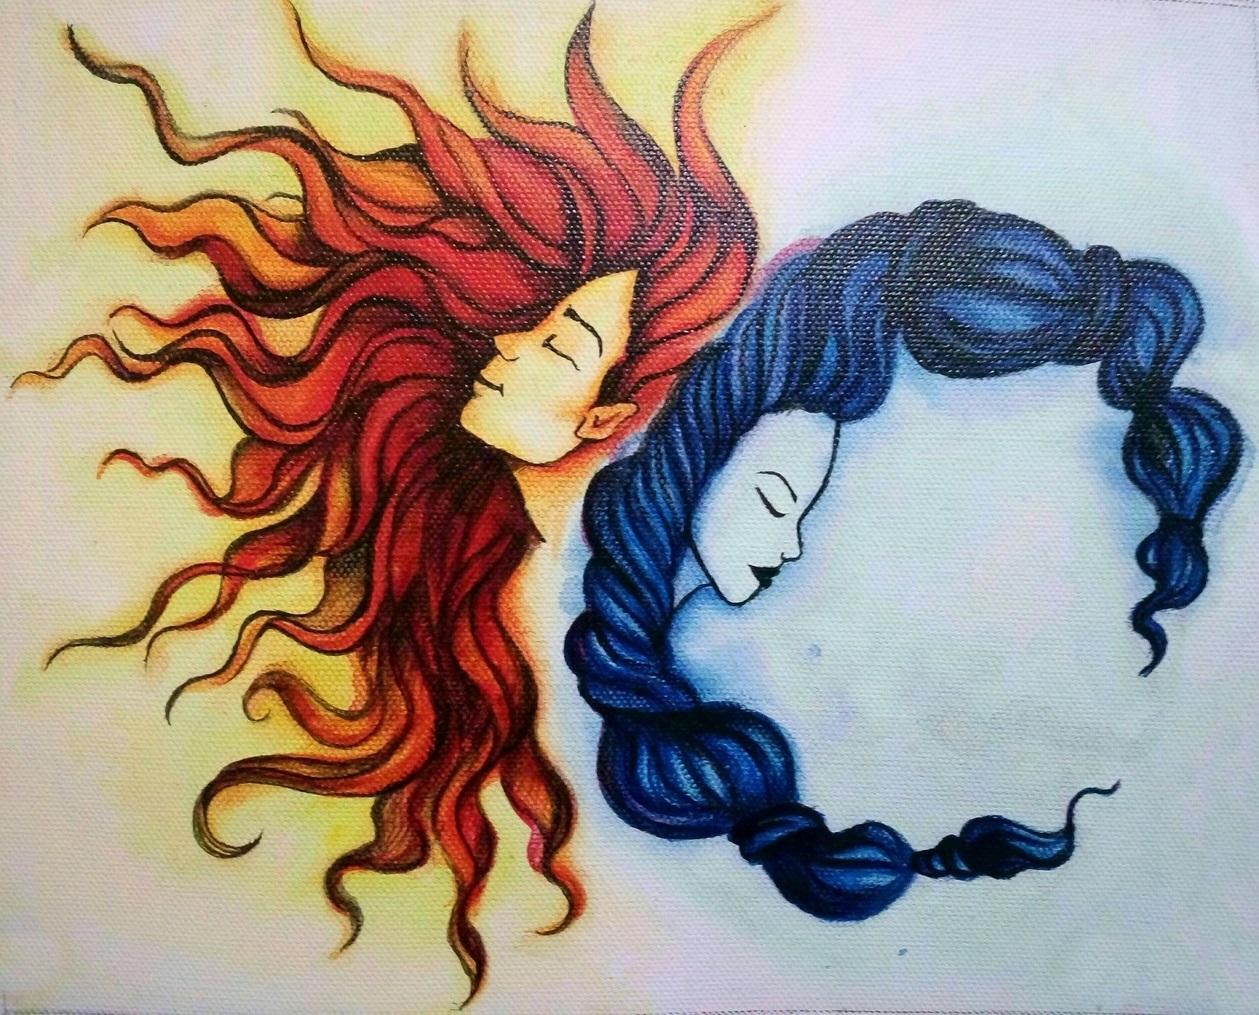 Soarele a iubit Luna atât de mult încât a trecut în neființă în fiecare noapte, doar ca să o lase pe ea să strălucească